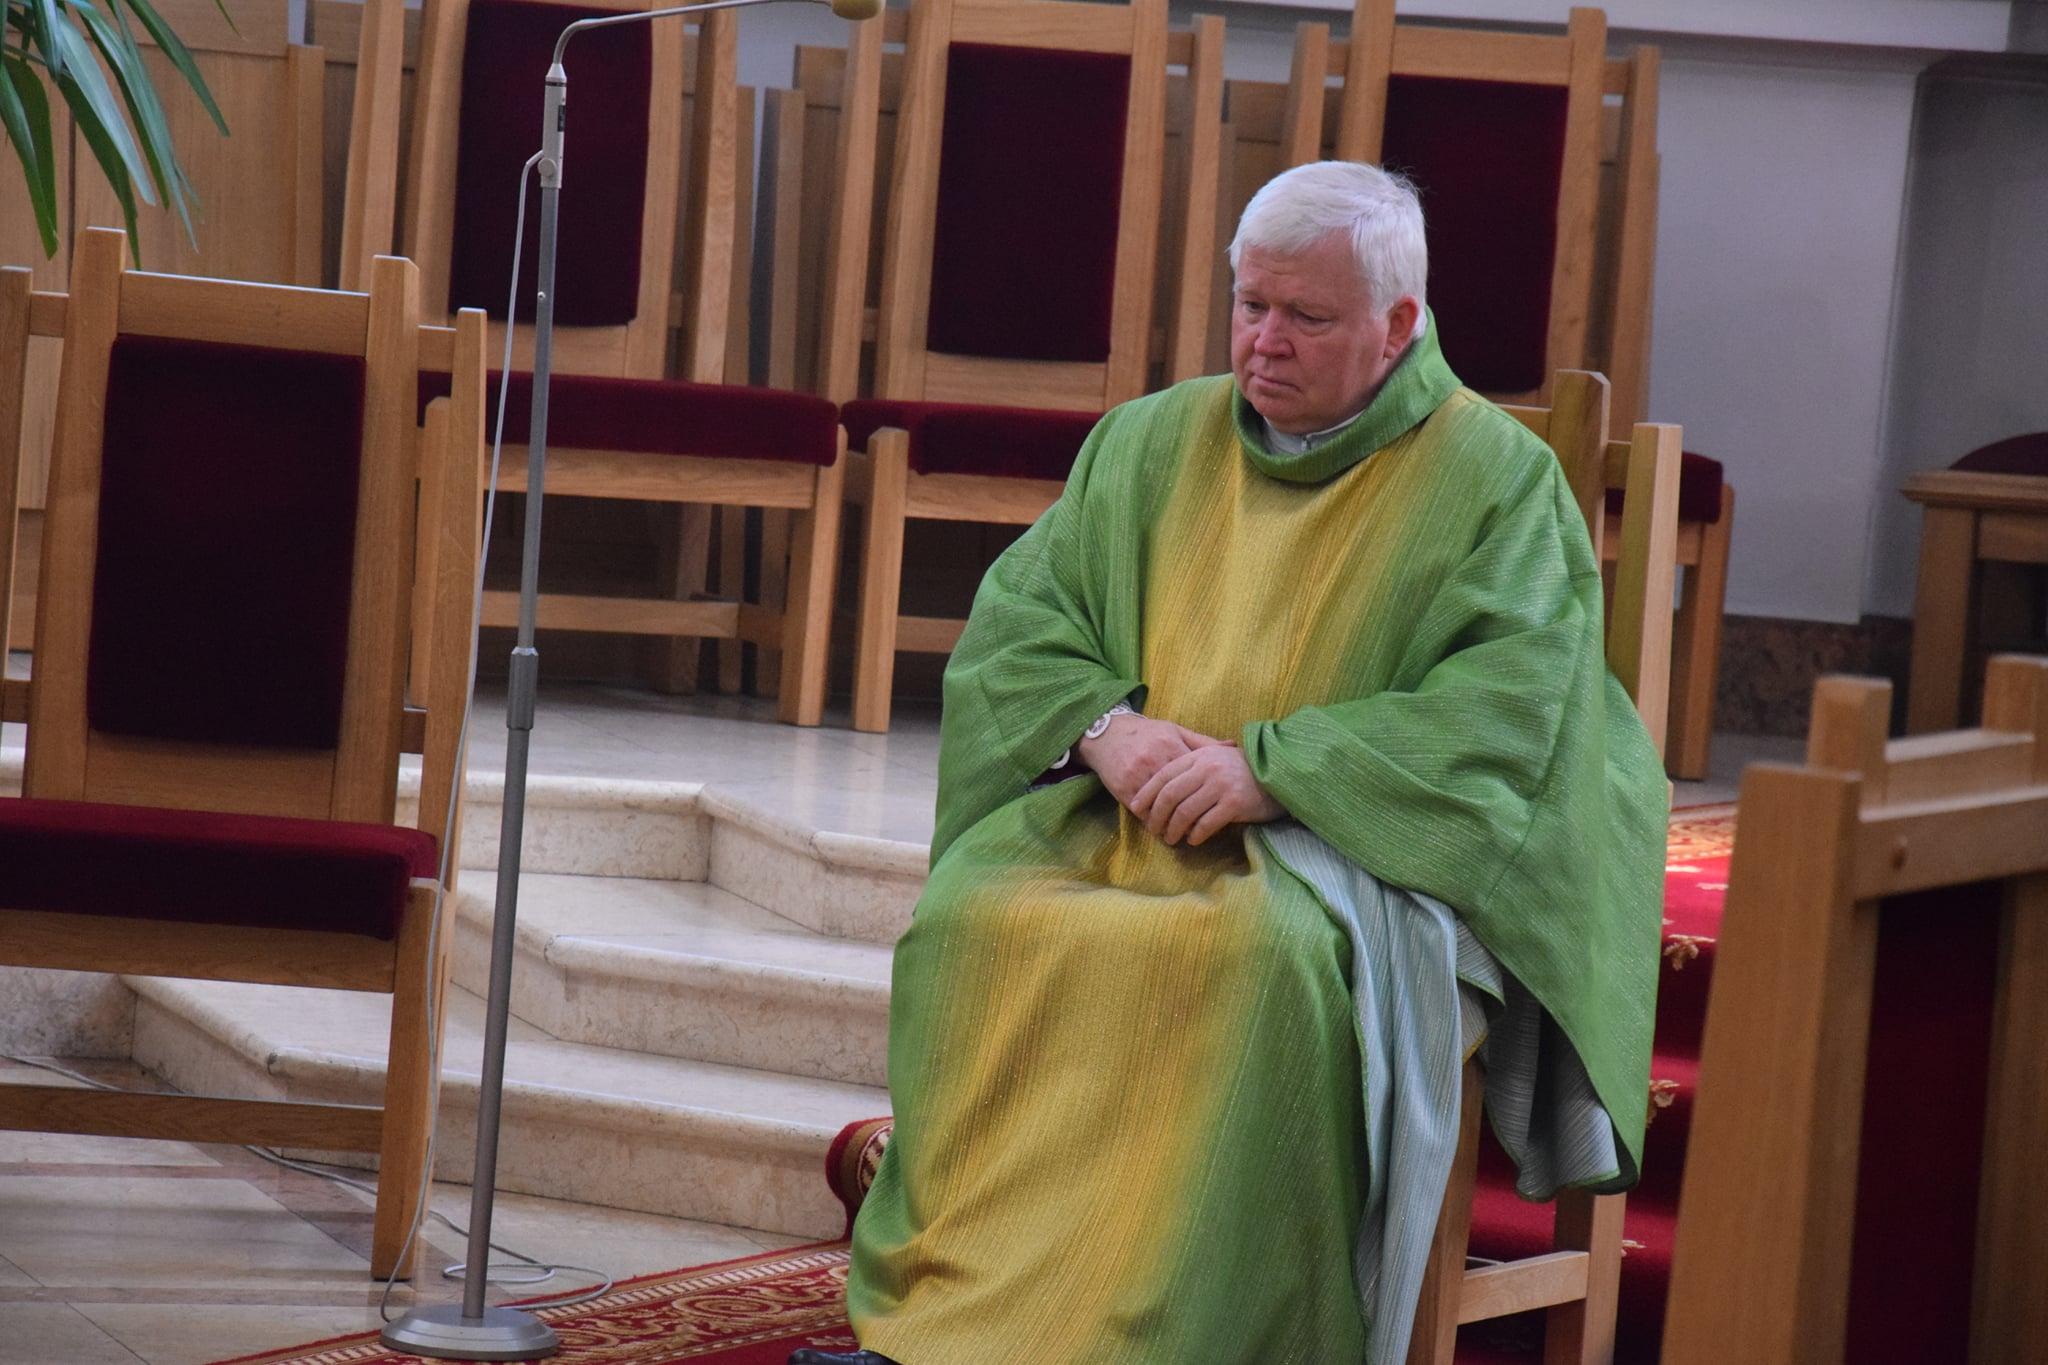 Vilkaviškio dekanas Vytautas Gustaitis paliko pareigas